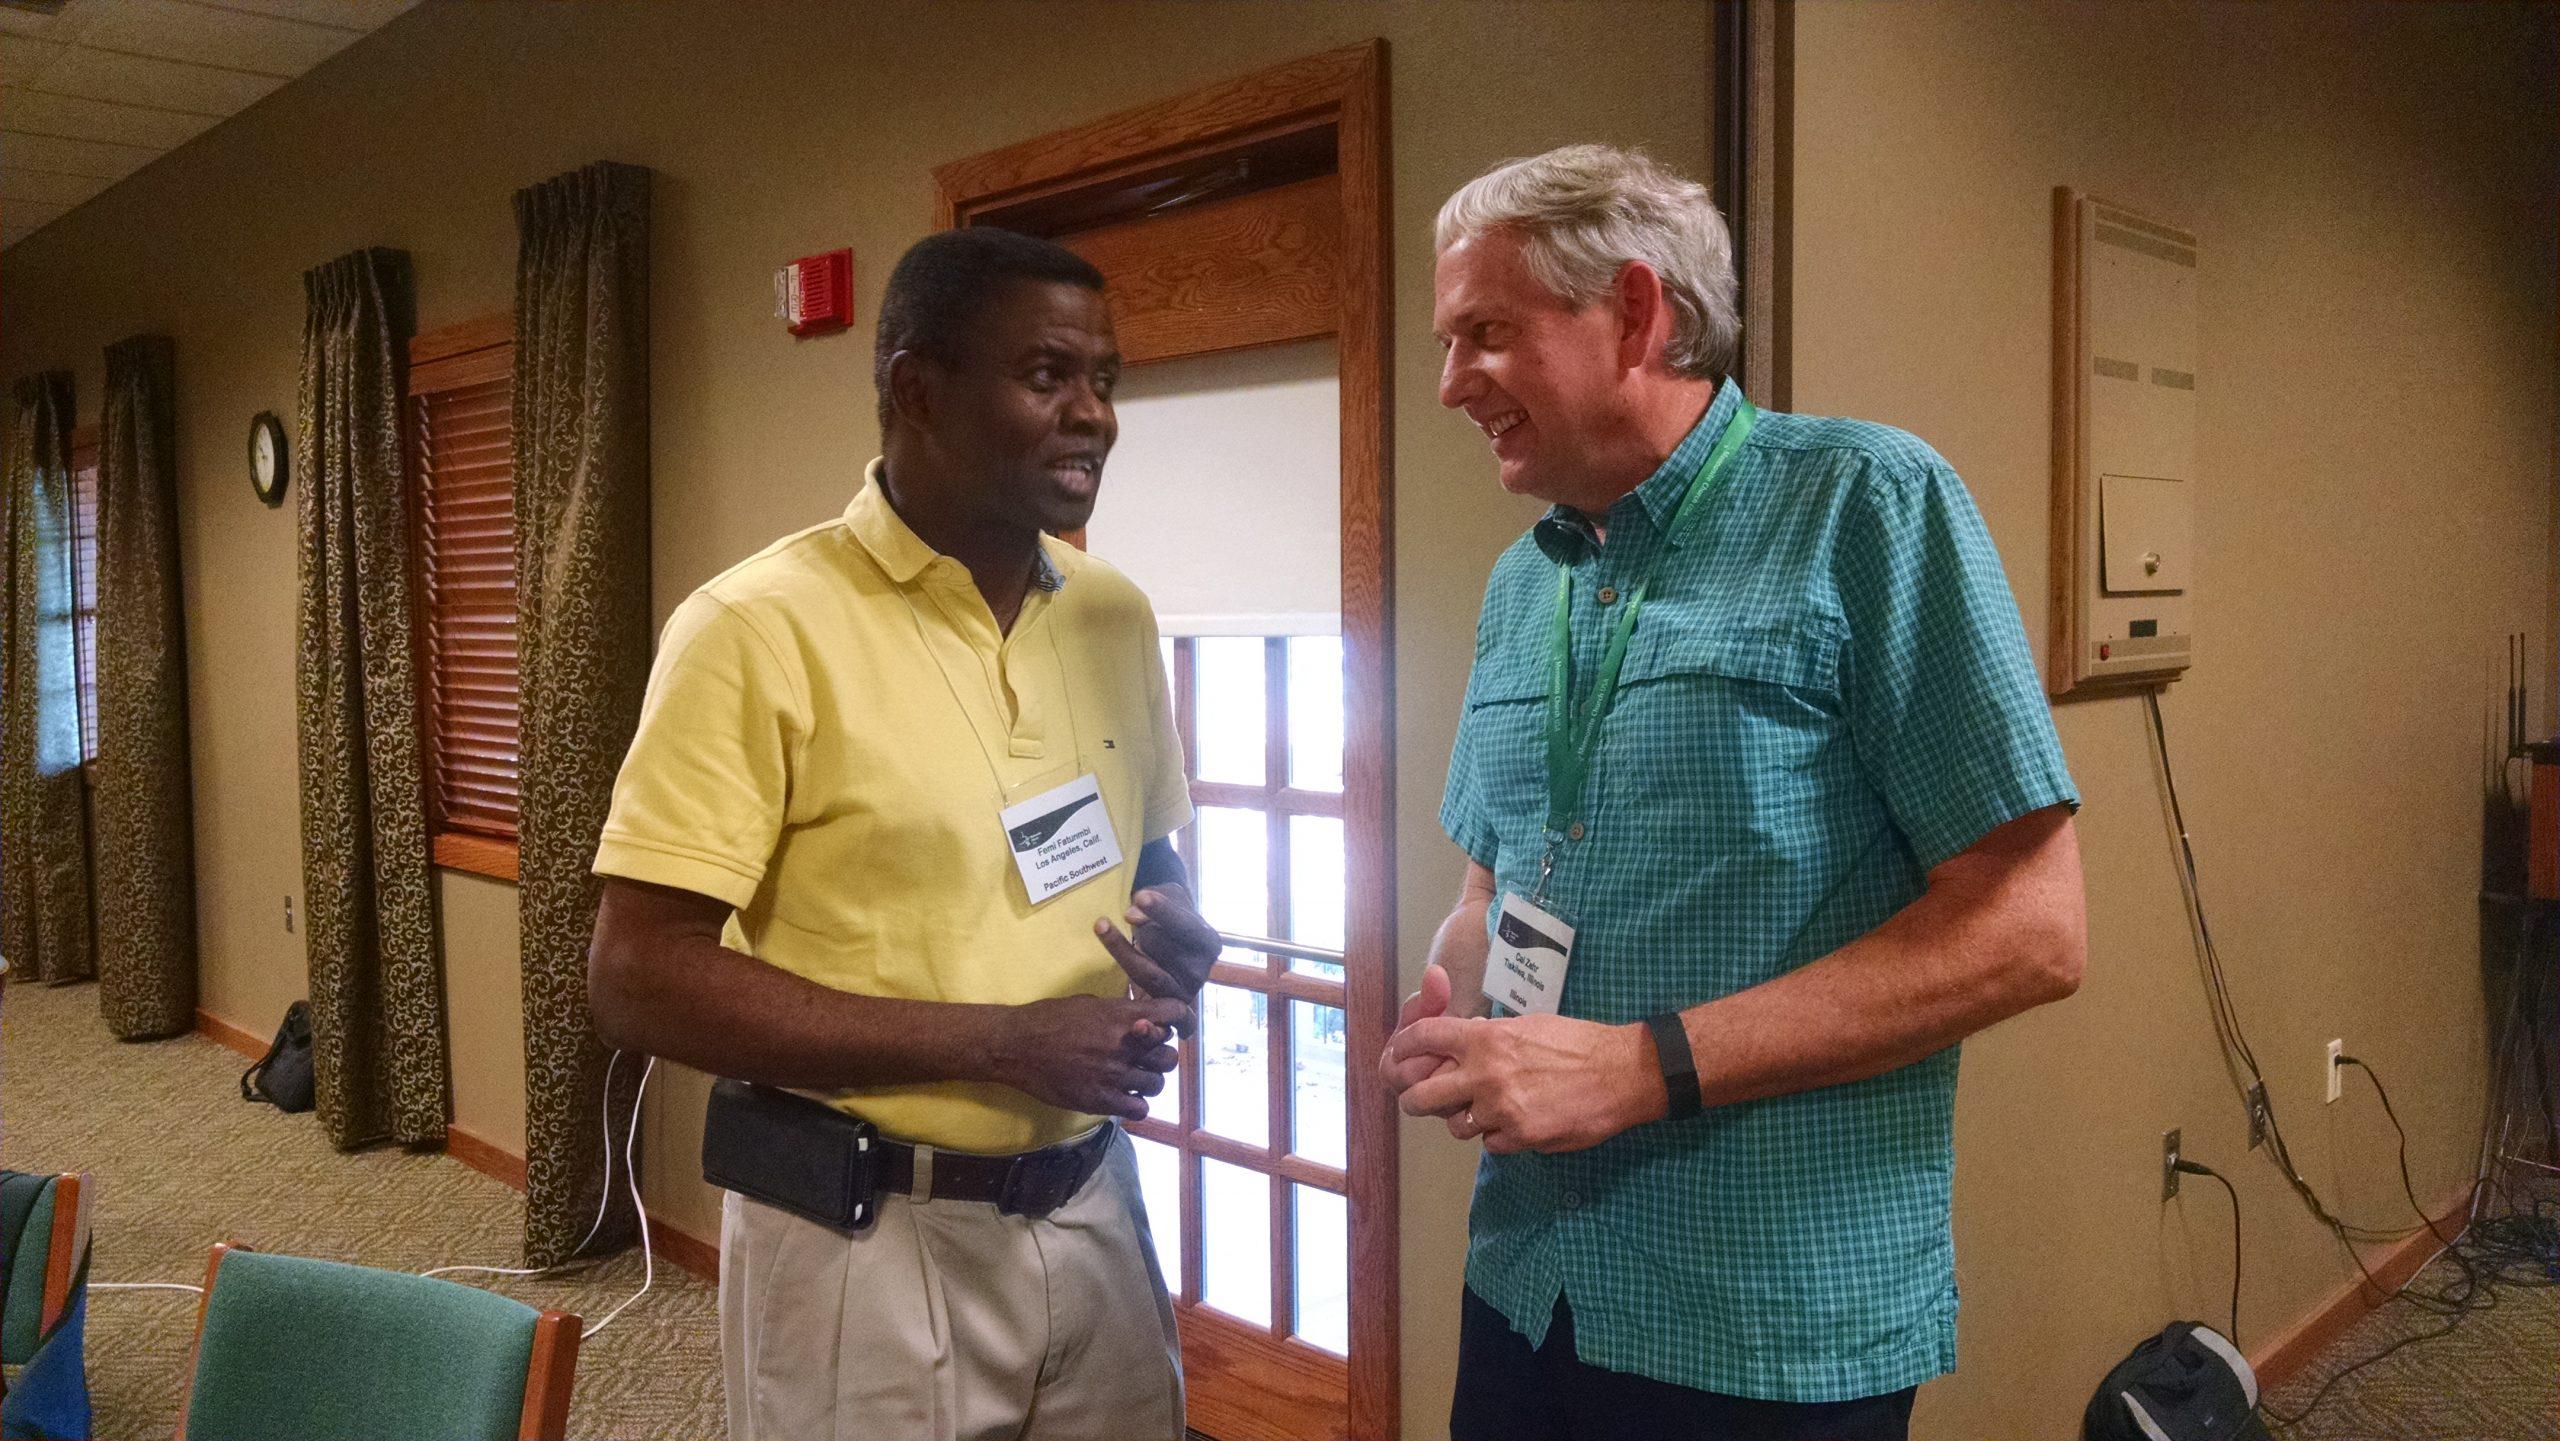 Femi Fatunmbi, moderador de la Conferencia Menonita Pacific Southwest, y Cal Zehr, moderador de la Conferencia Menonita Illinois, de visita durante un receso en la reunión del Concilio de Líderes Constituyentes llevada a cabo en Archbold, Ohio del 19 al 21 de octubre. (Foto de Hannah Heinzekehr.)